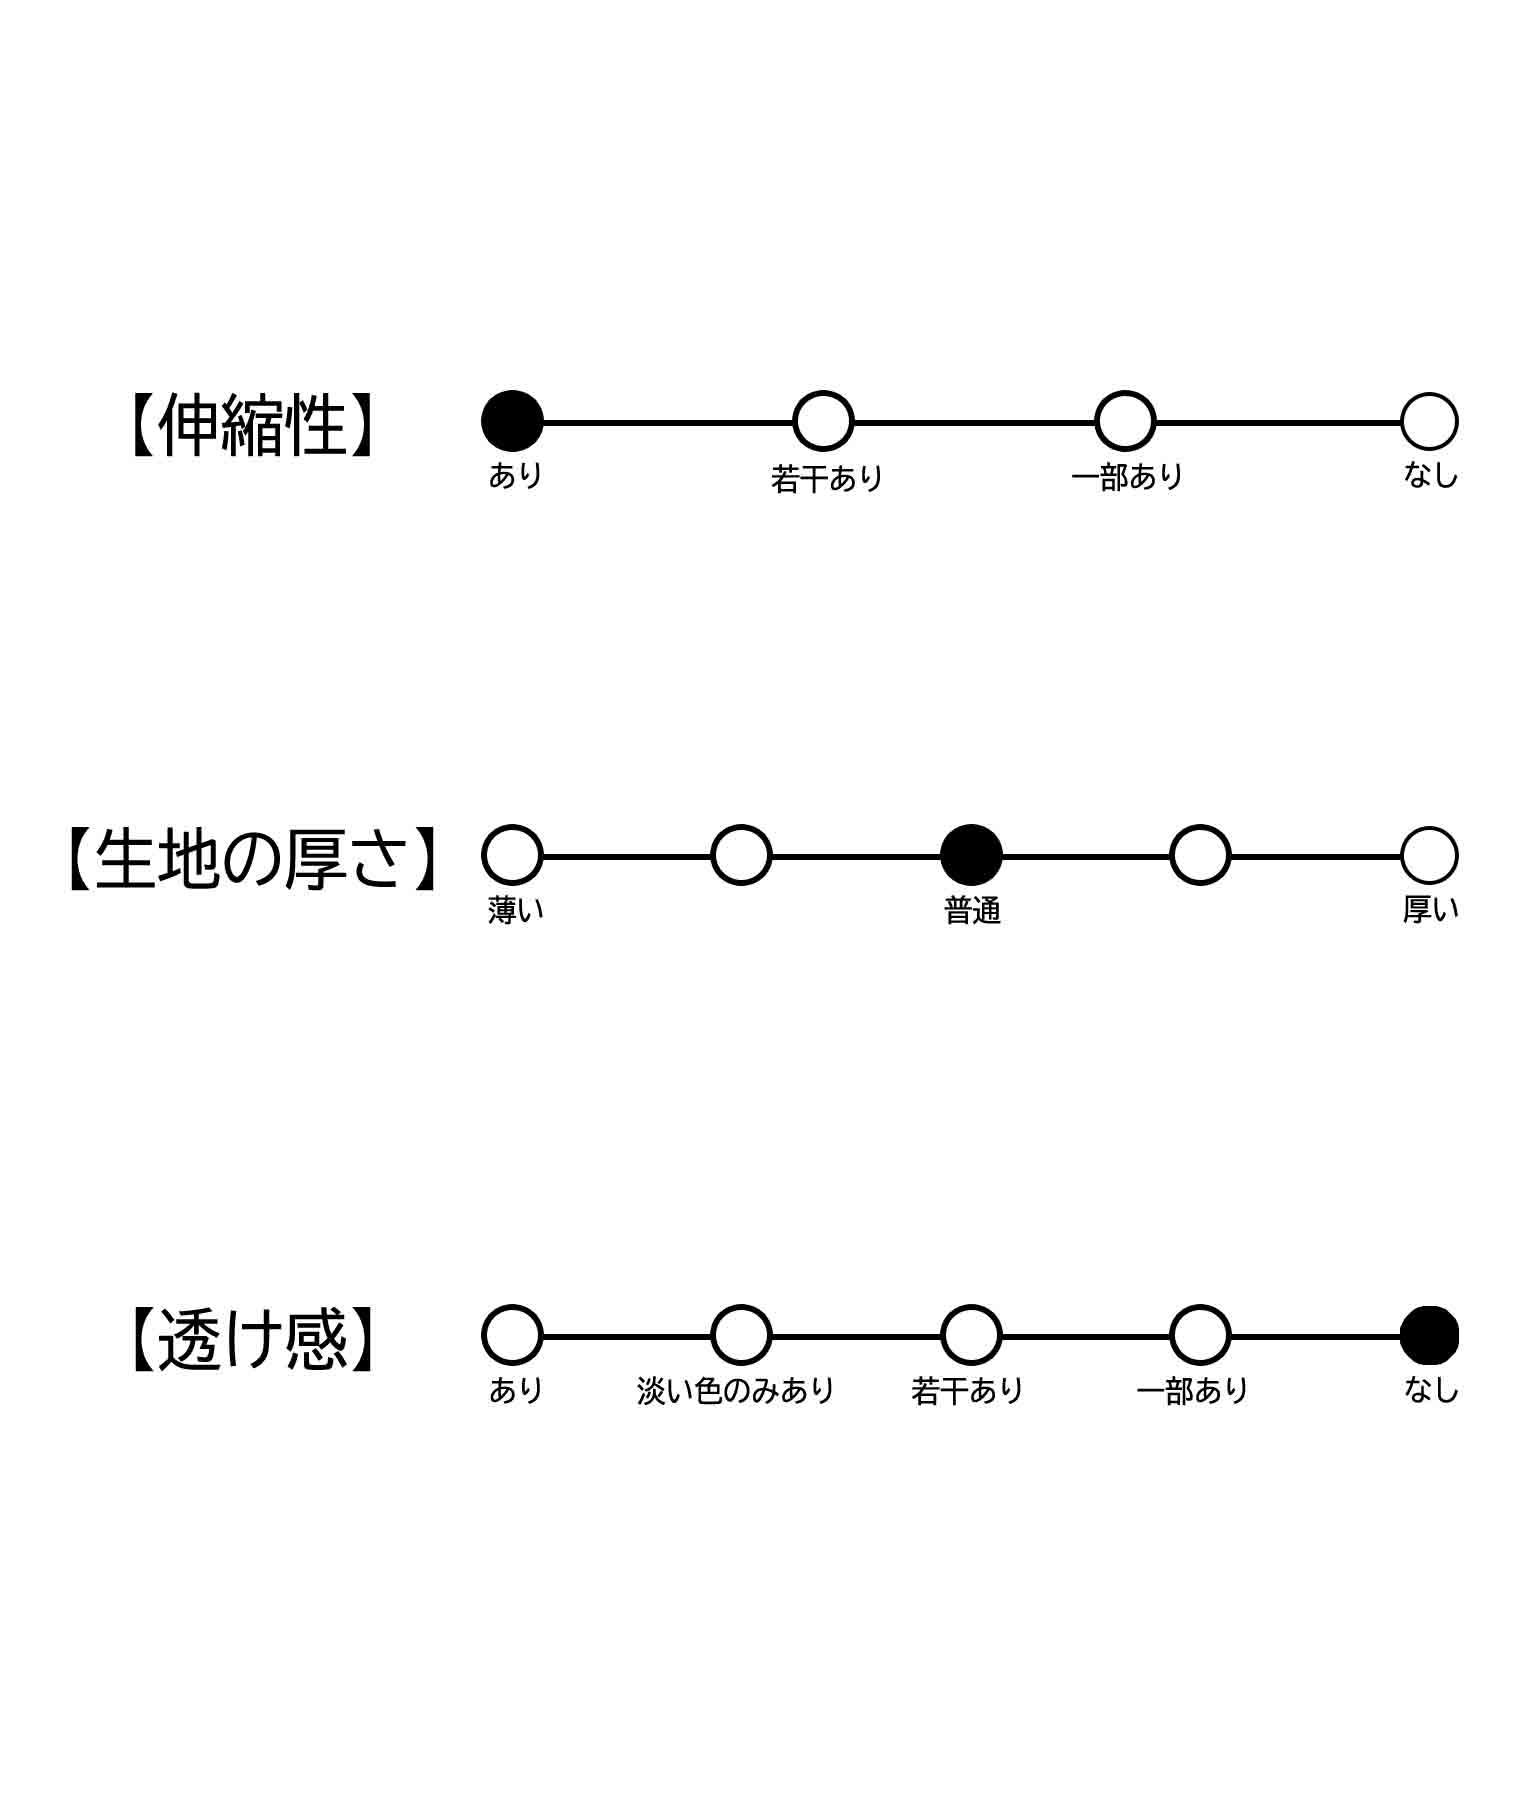 バックスリットニットワンピース(ワンピース・ドレス/ロングワンピ) | ANAP